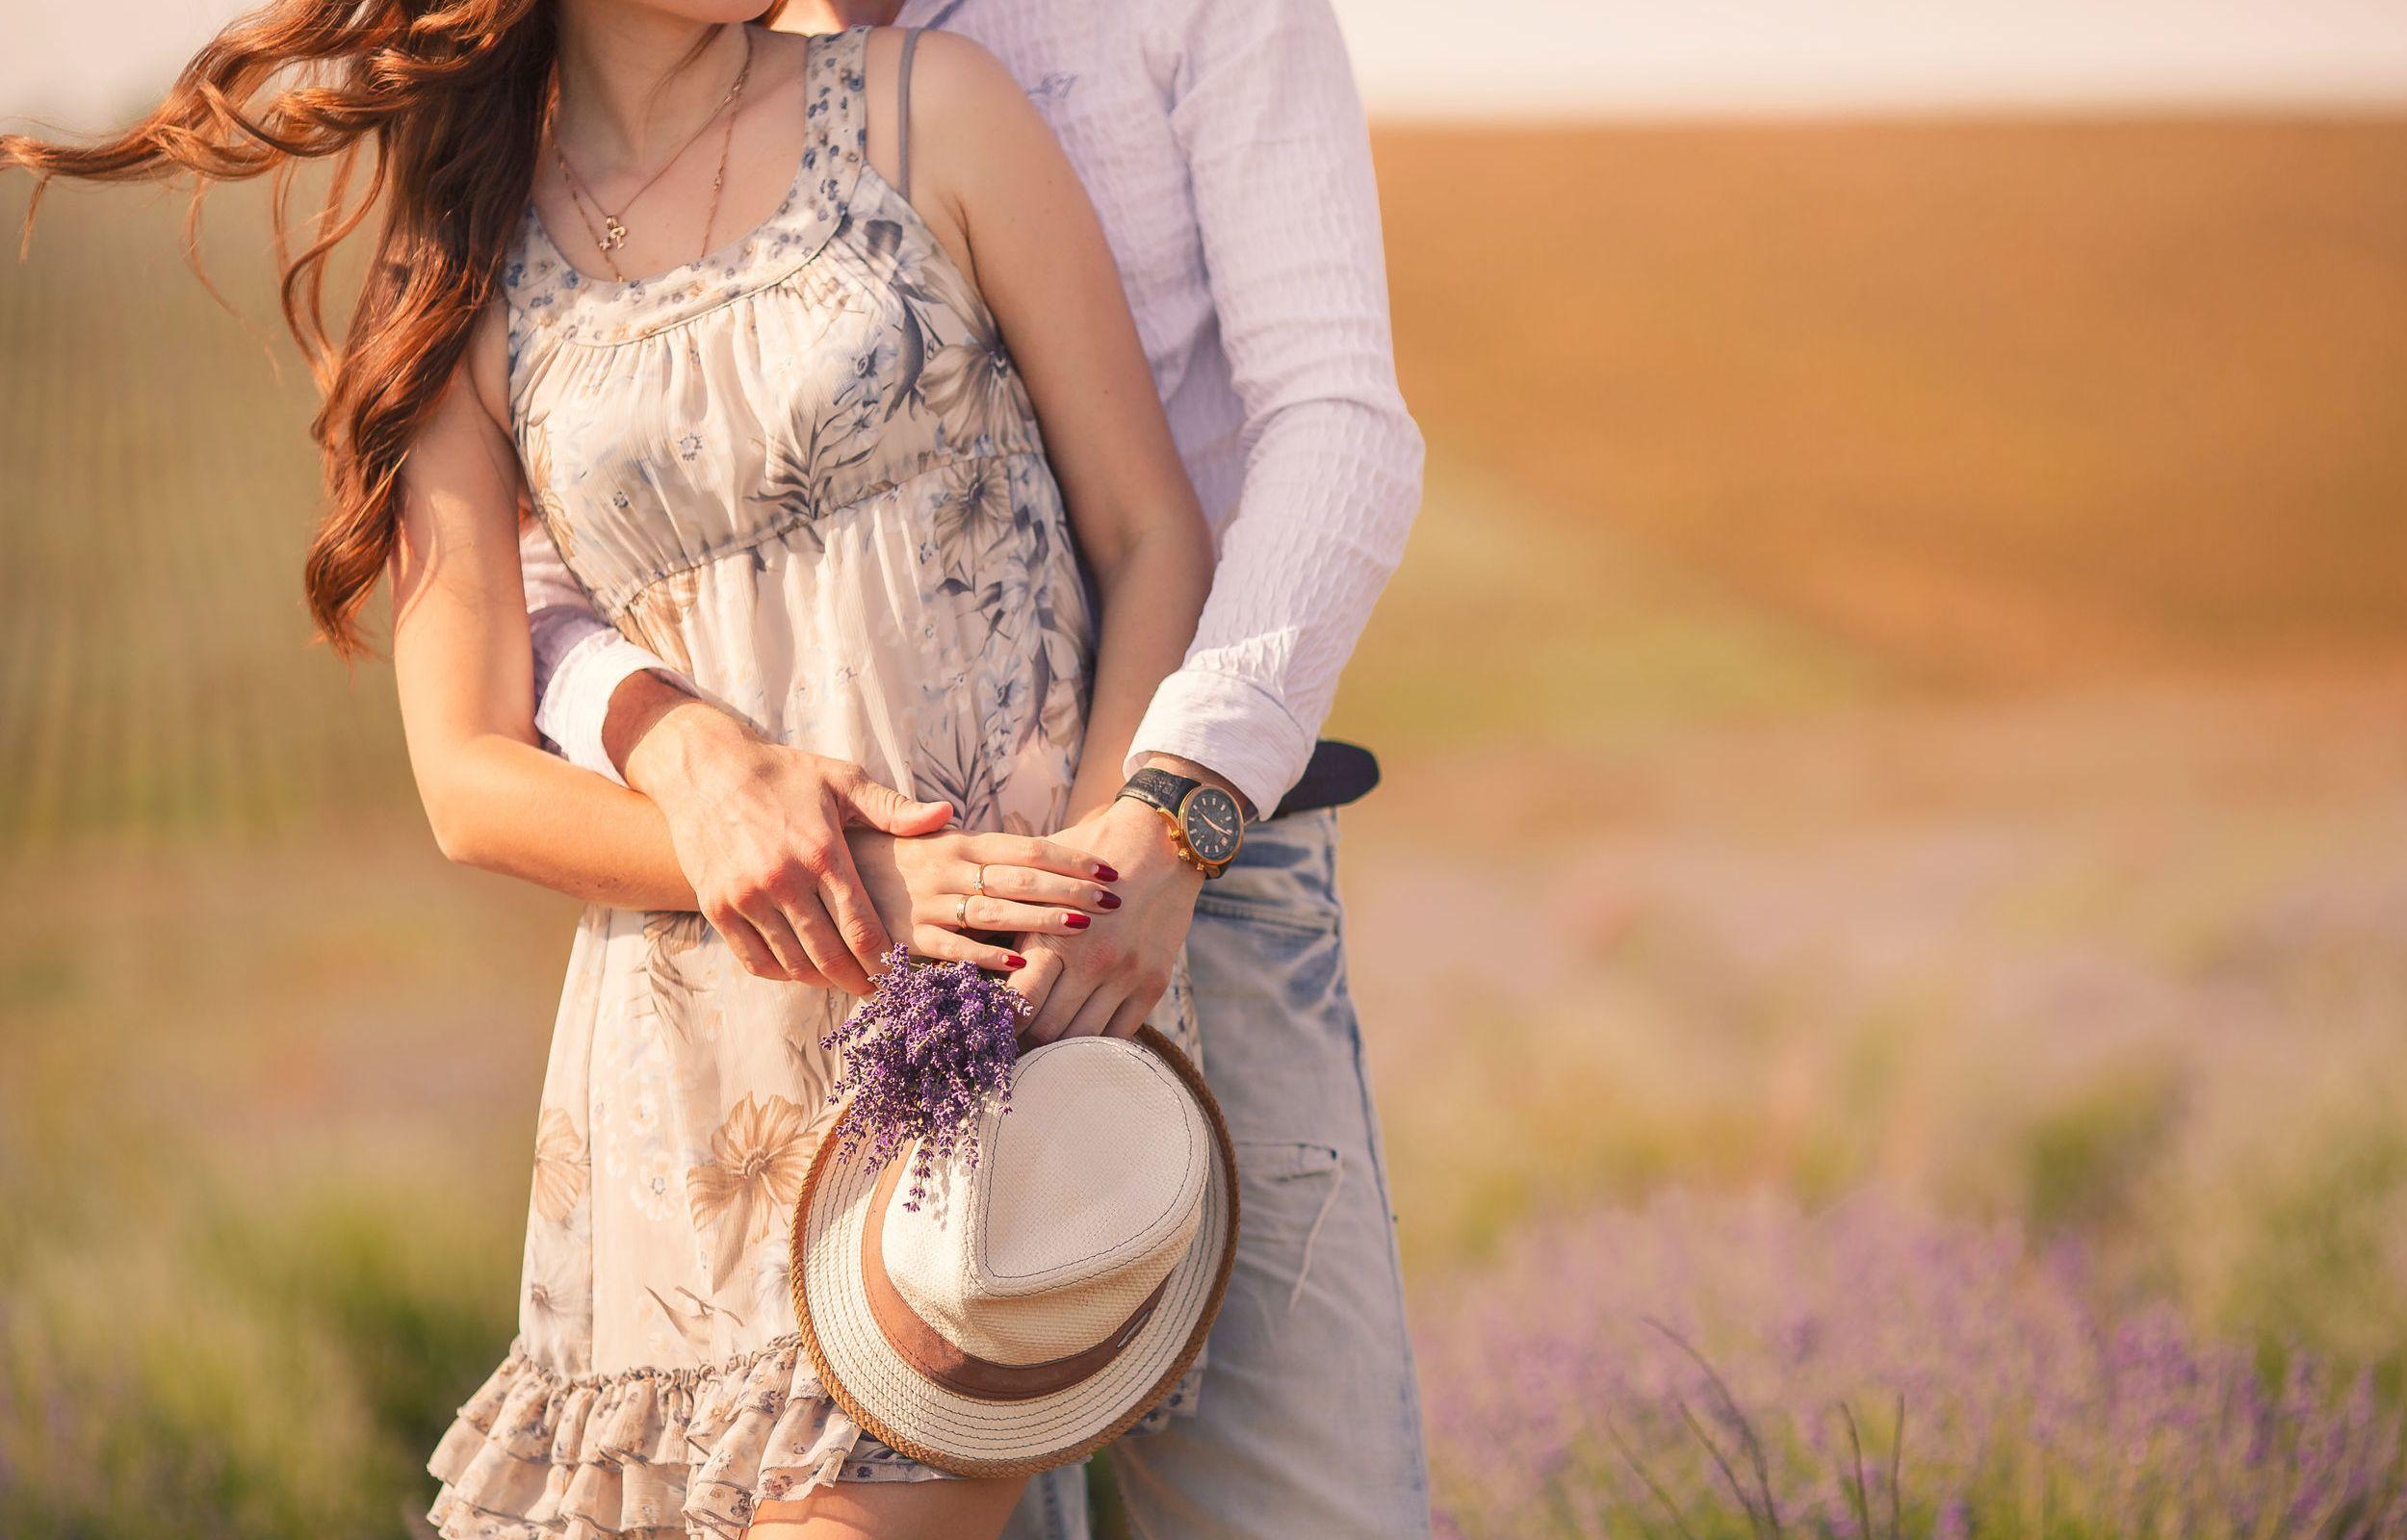 romantic-couple-hug-garden.jpg